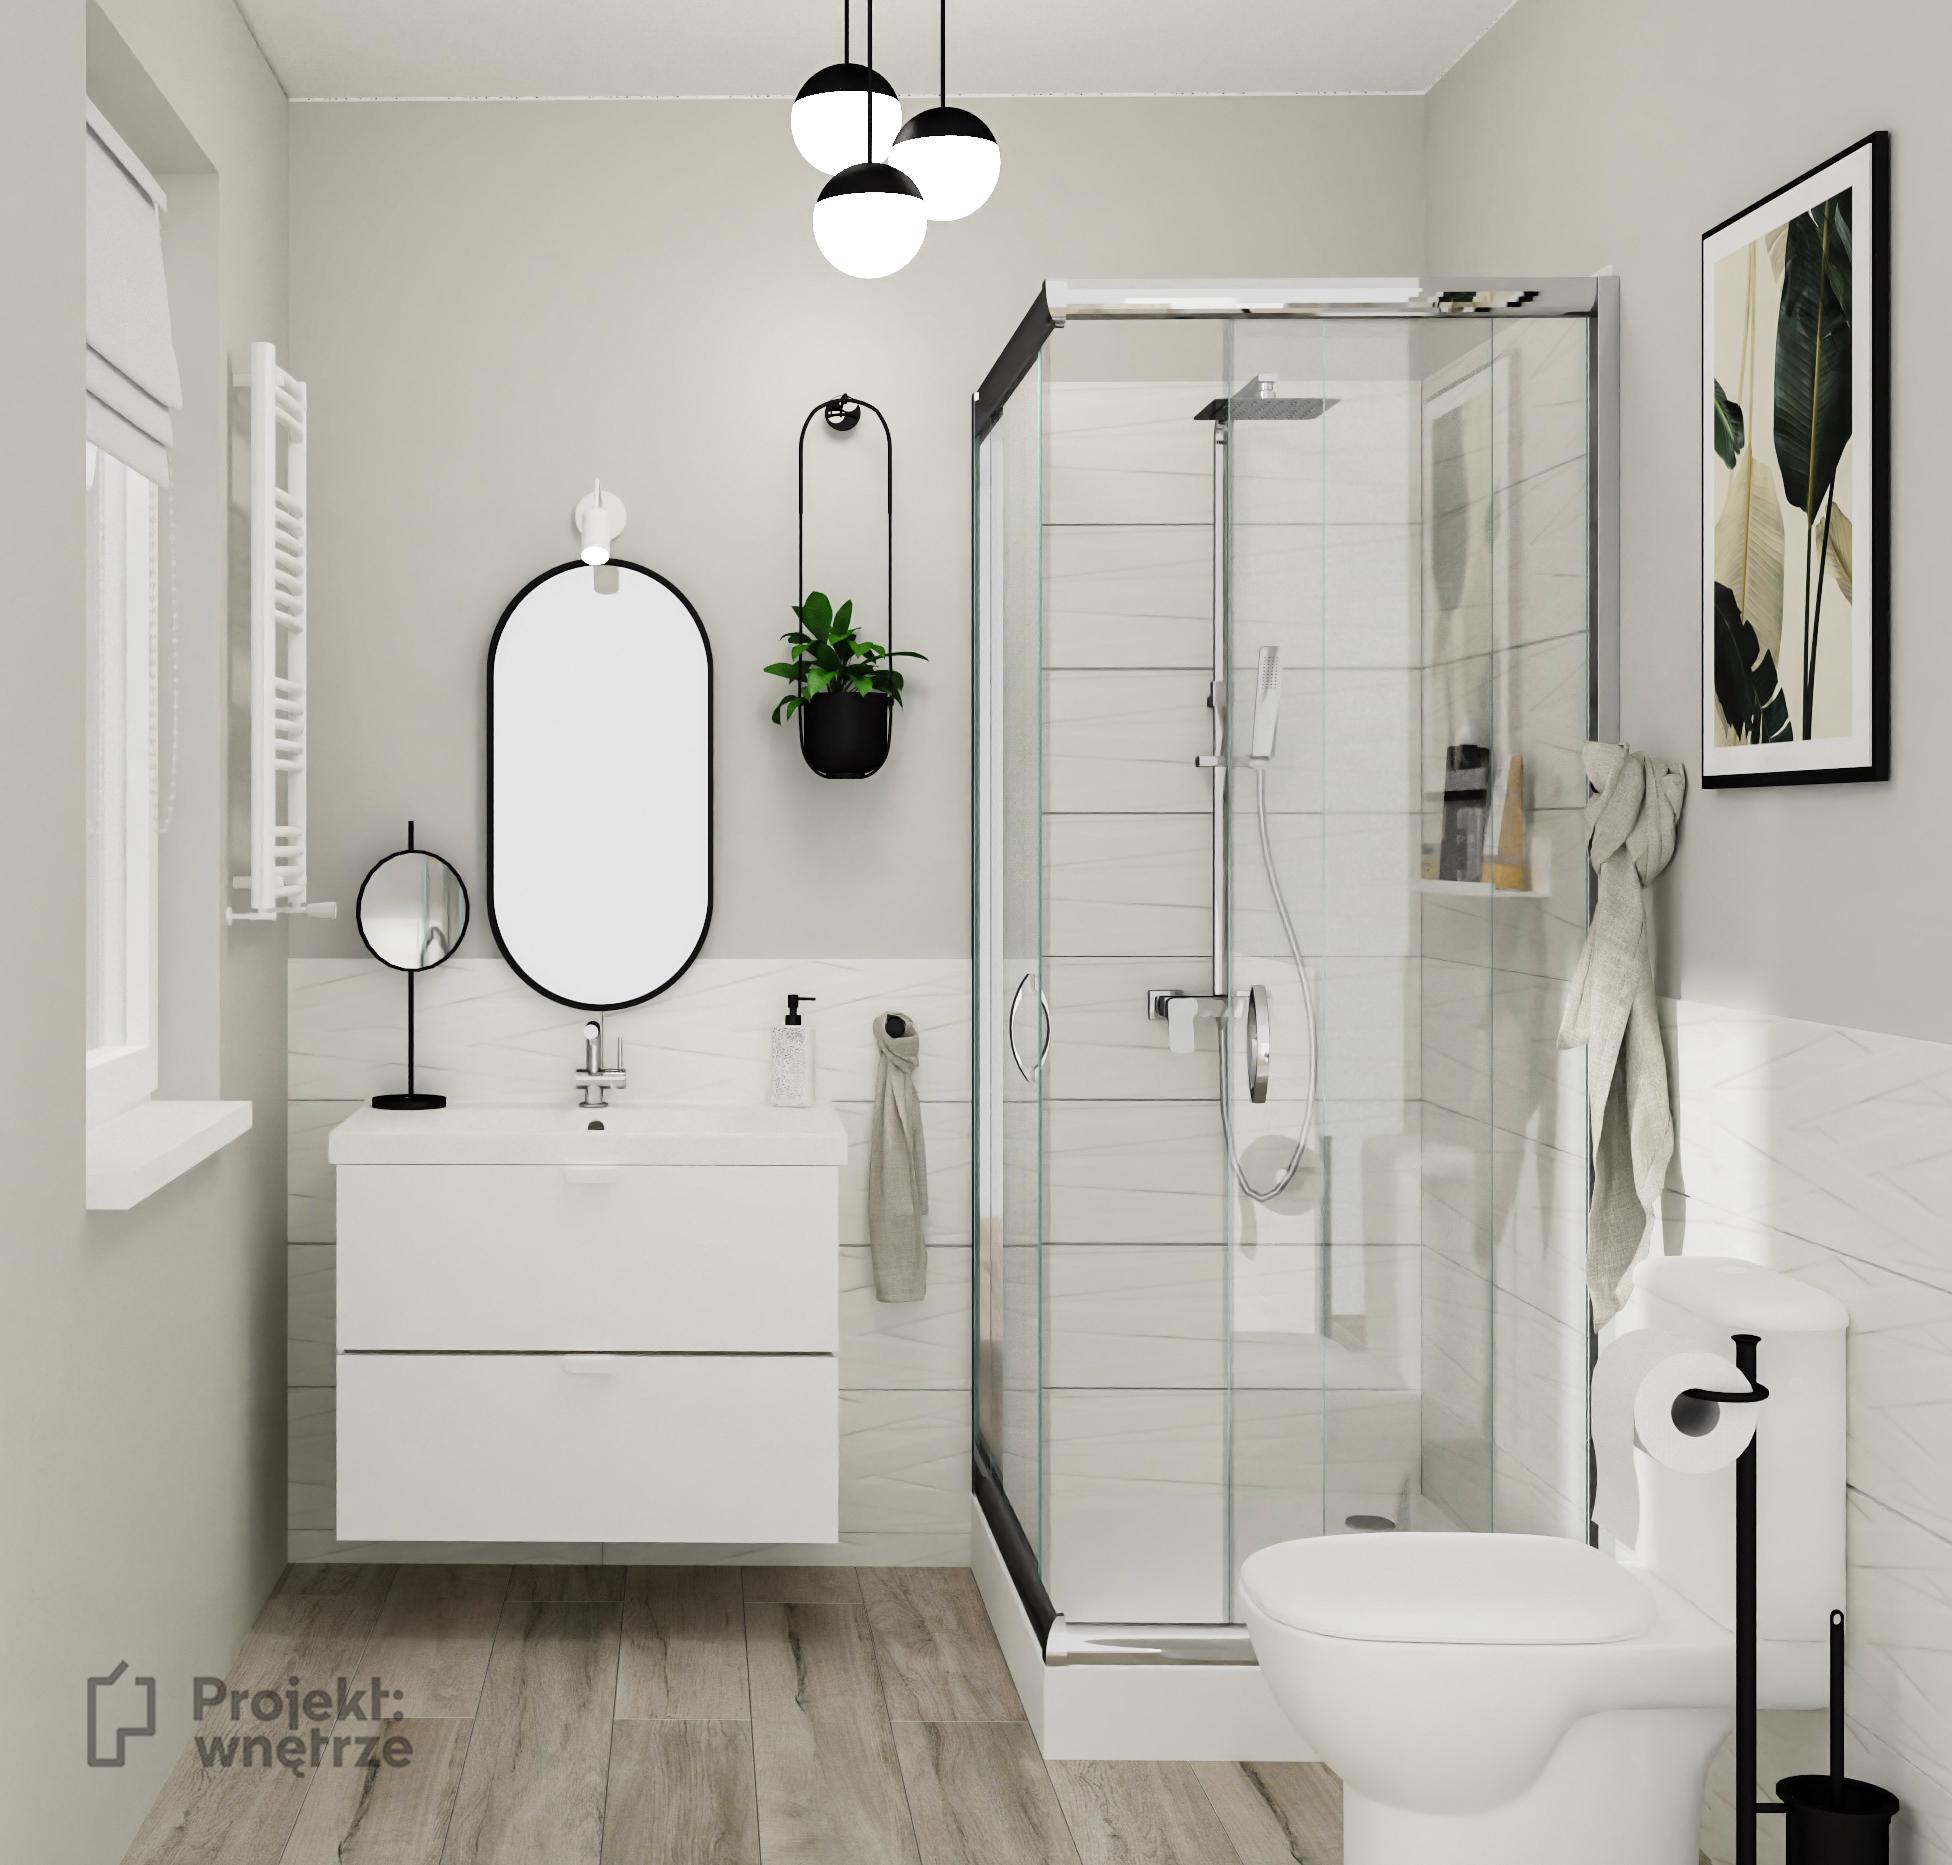 Projekt łazienki drewno i biel z czarnym lustrem i szafką łazienkową IKEA Godmorgon biała